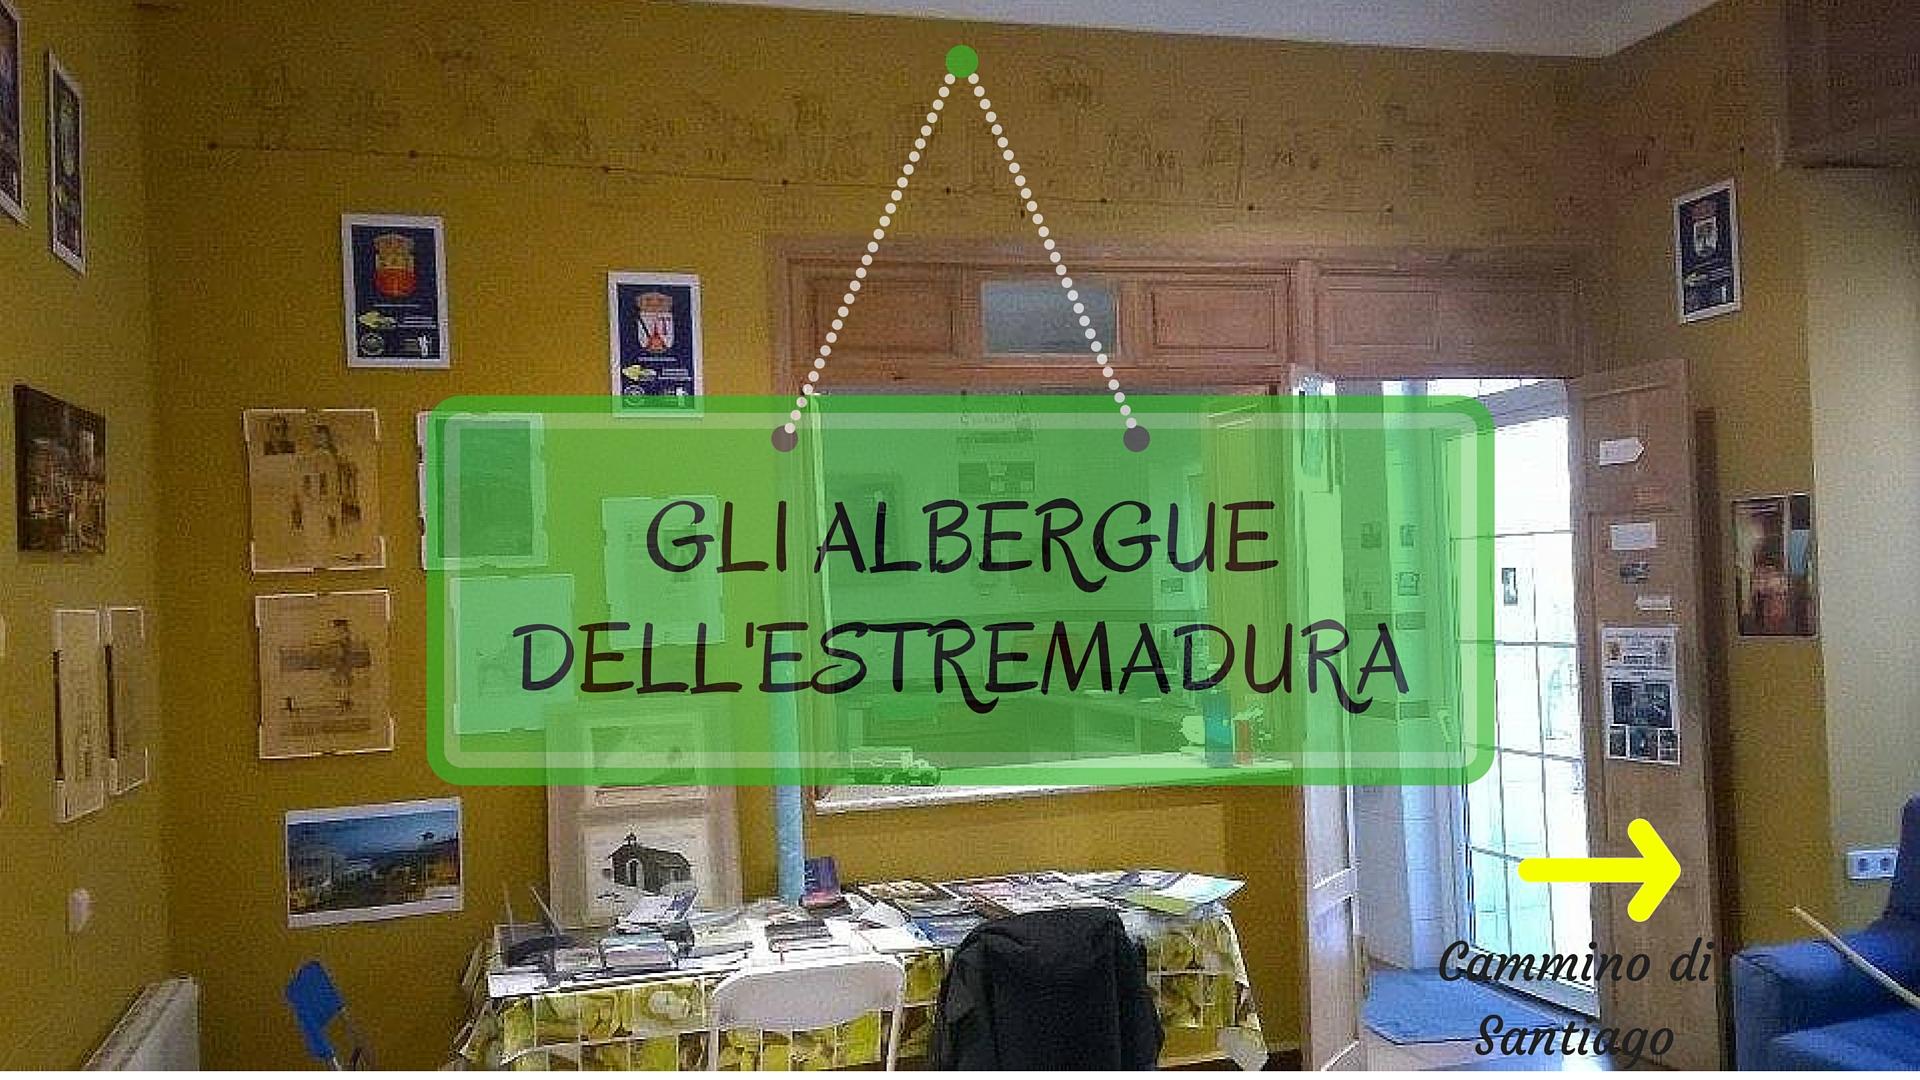 CAMMINO DI SANTIAGO: GLI ALBERGUE DELL'ESTREMADURA